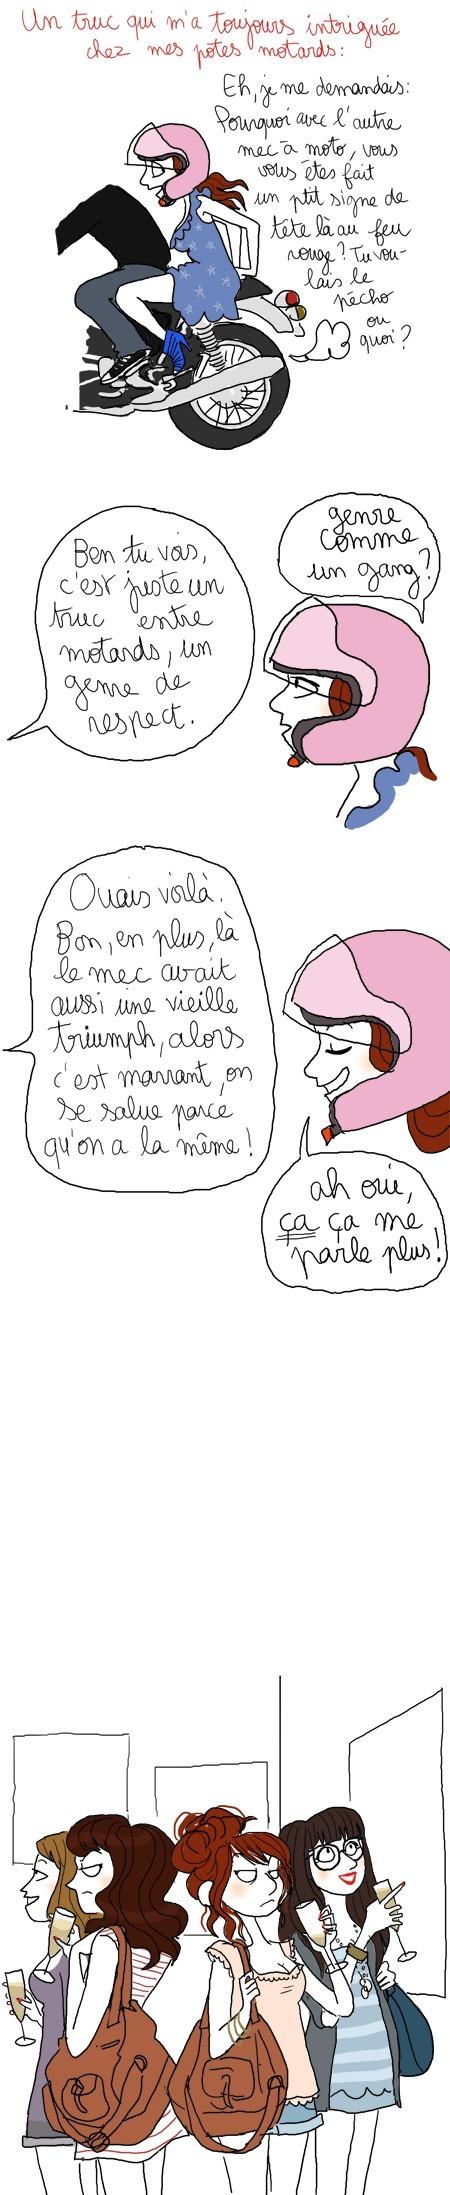 Le coin des filles : le clin d'oeil de Pénélope Bagieu